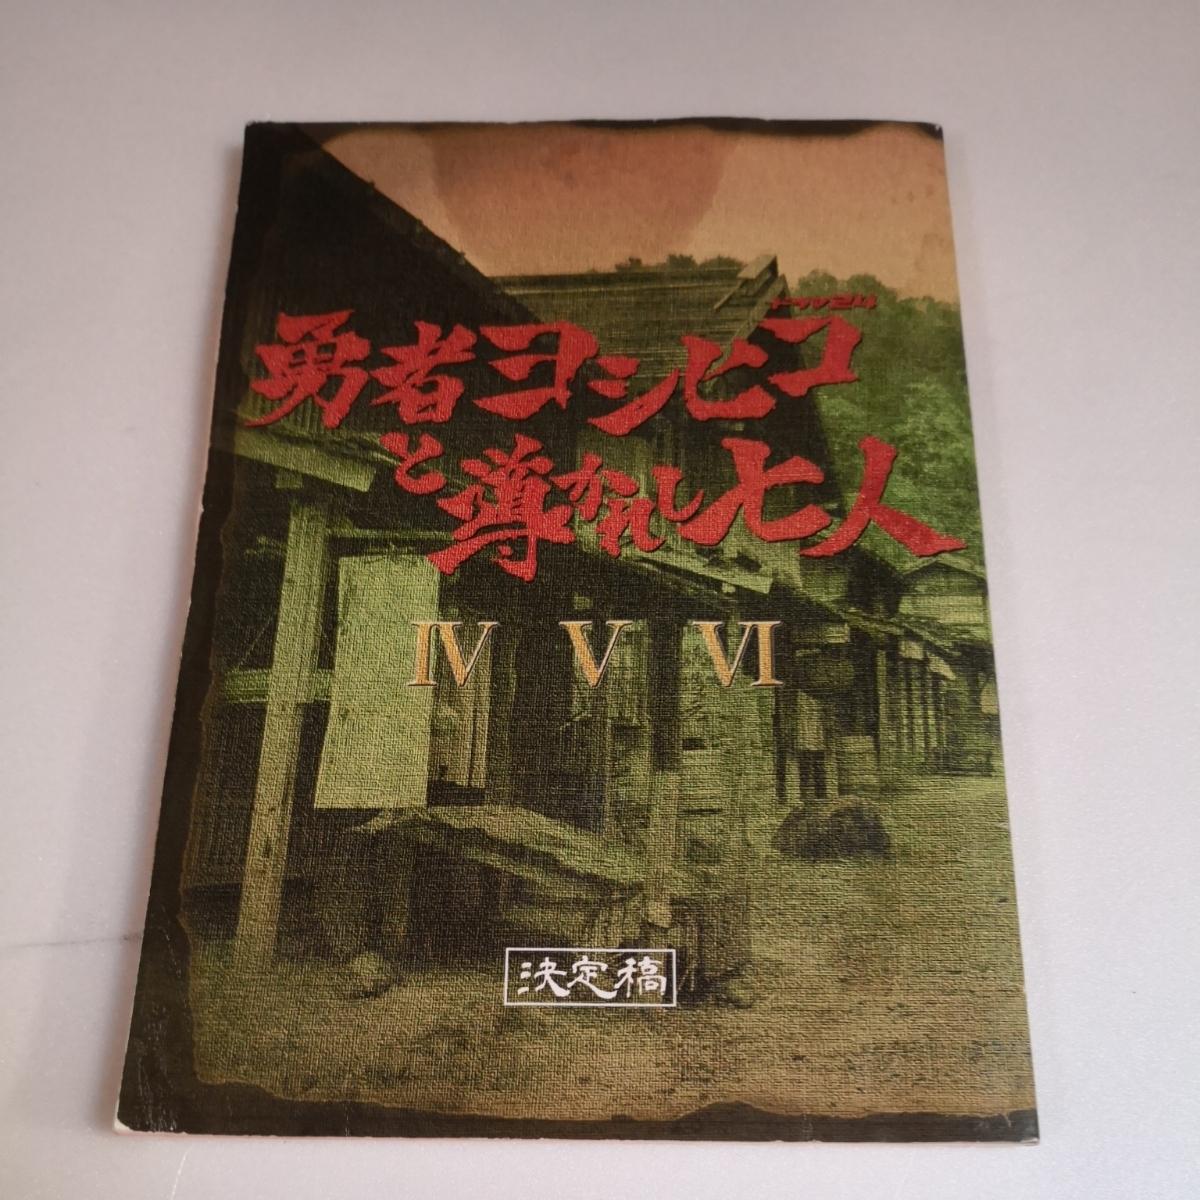 勇者ヨシヒコと導かれし七人 決定稿 台本 シナリオ 四話から六話 福田雄一 監督